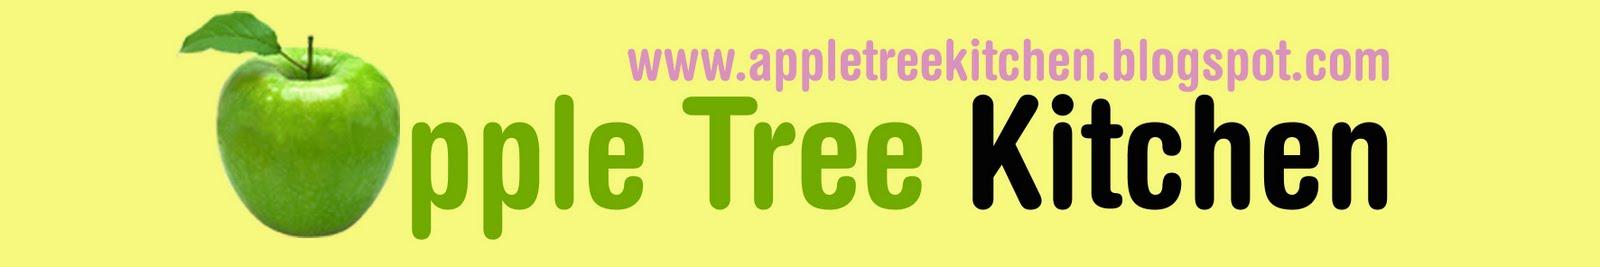 Apple Tree Kitchen